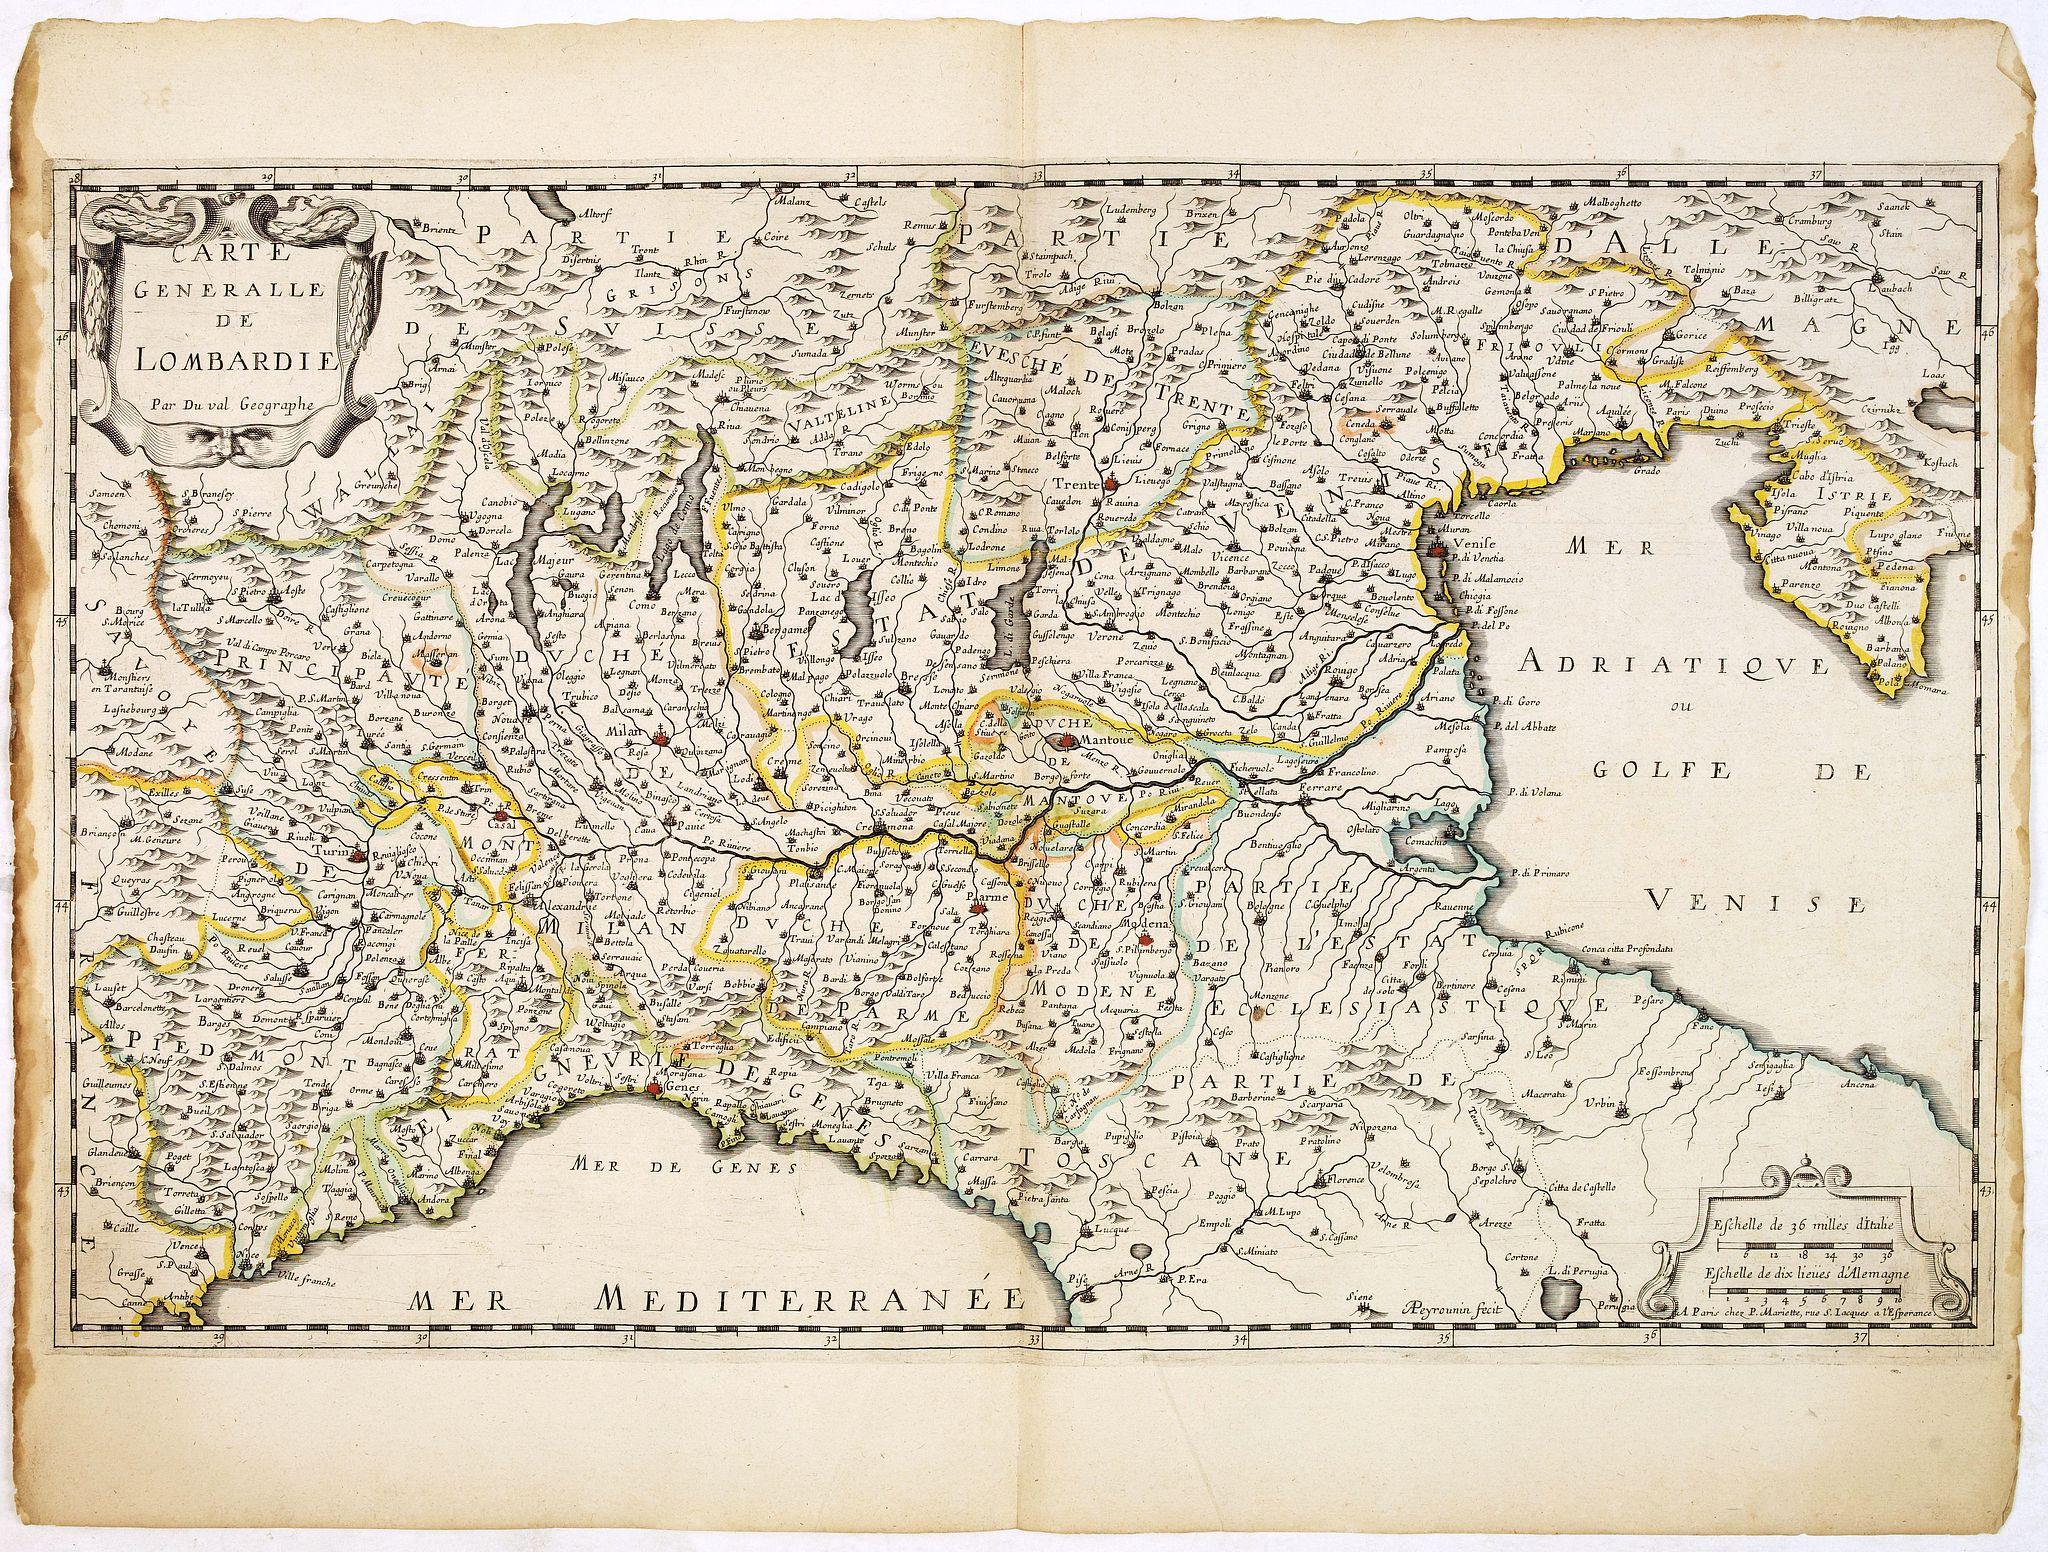 DUVAL, P. / MARIETTE, P. -  Carte Générale de Lombardie.